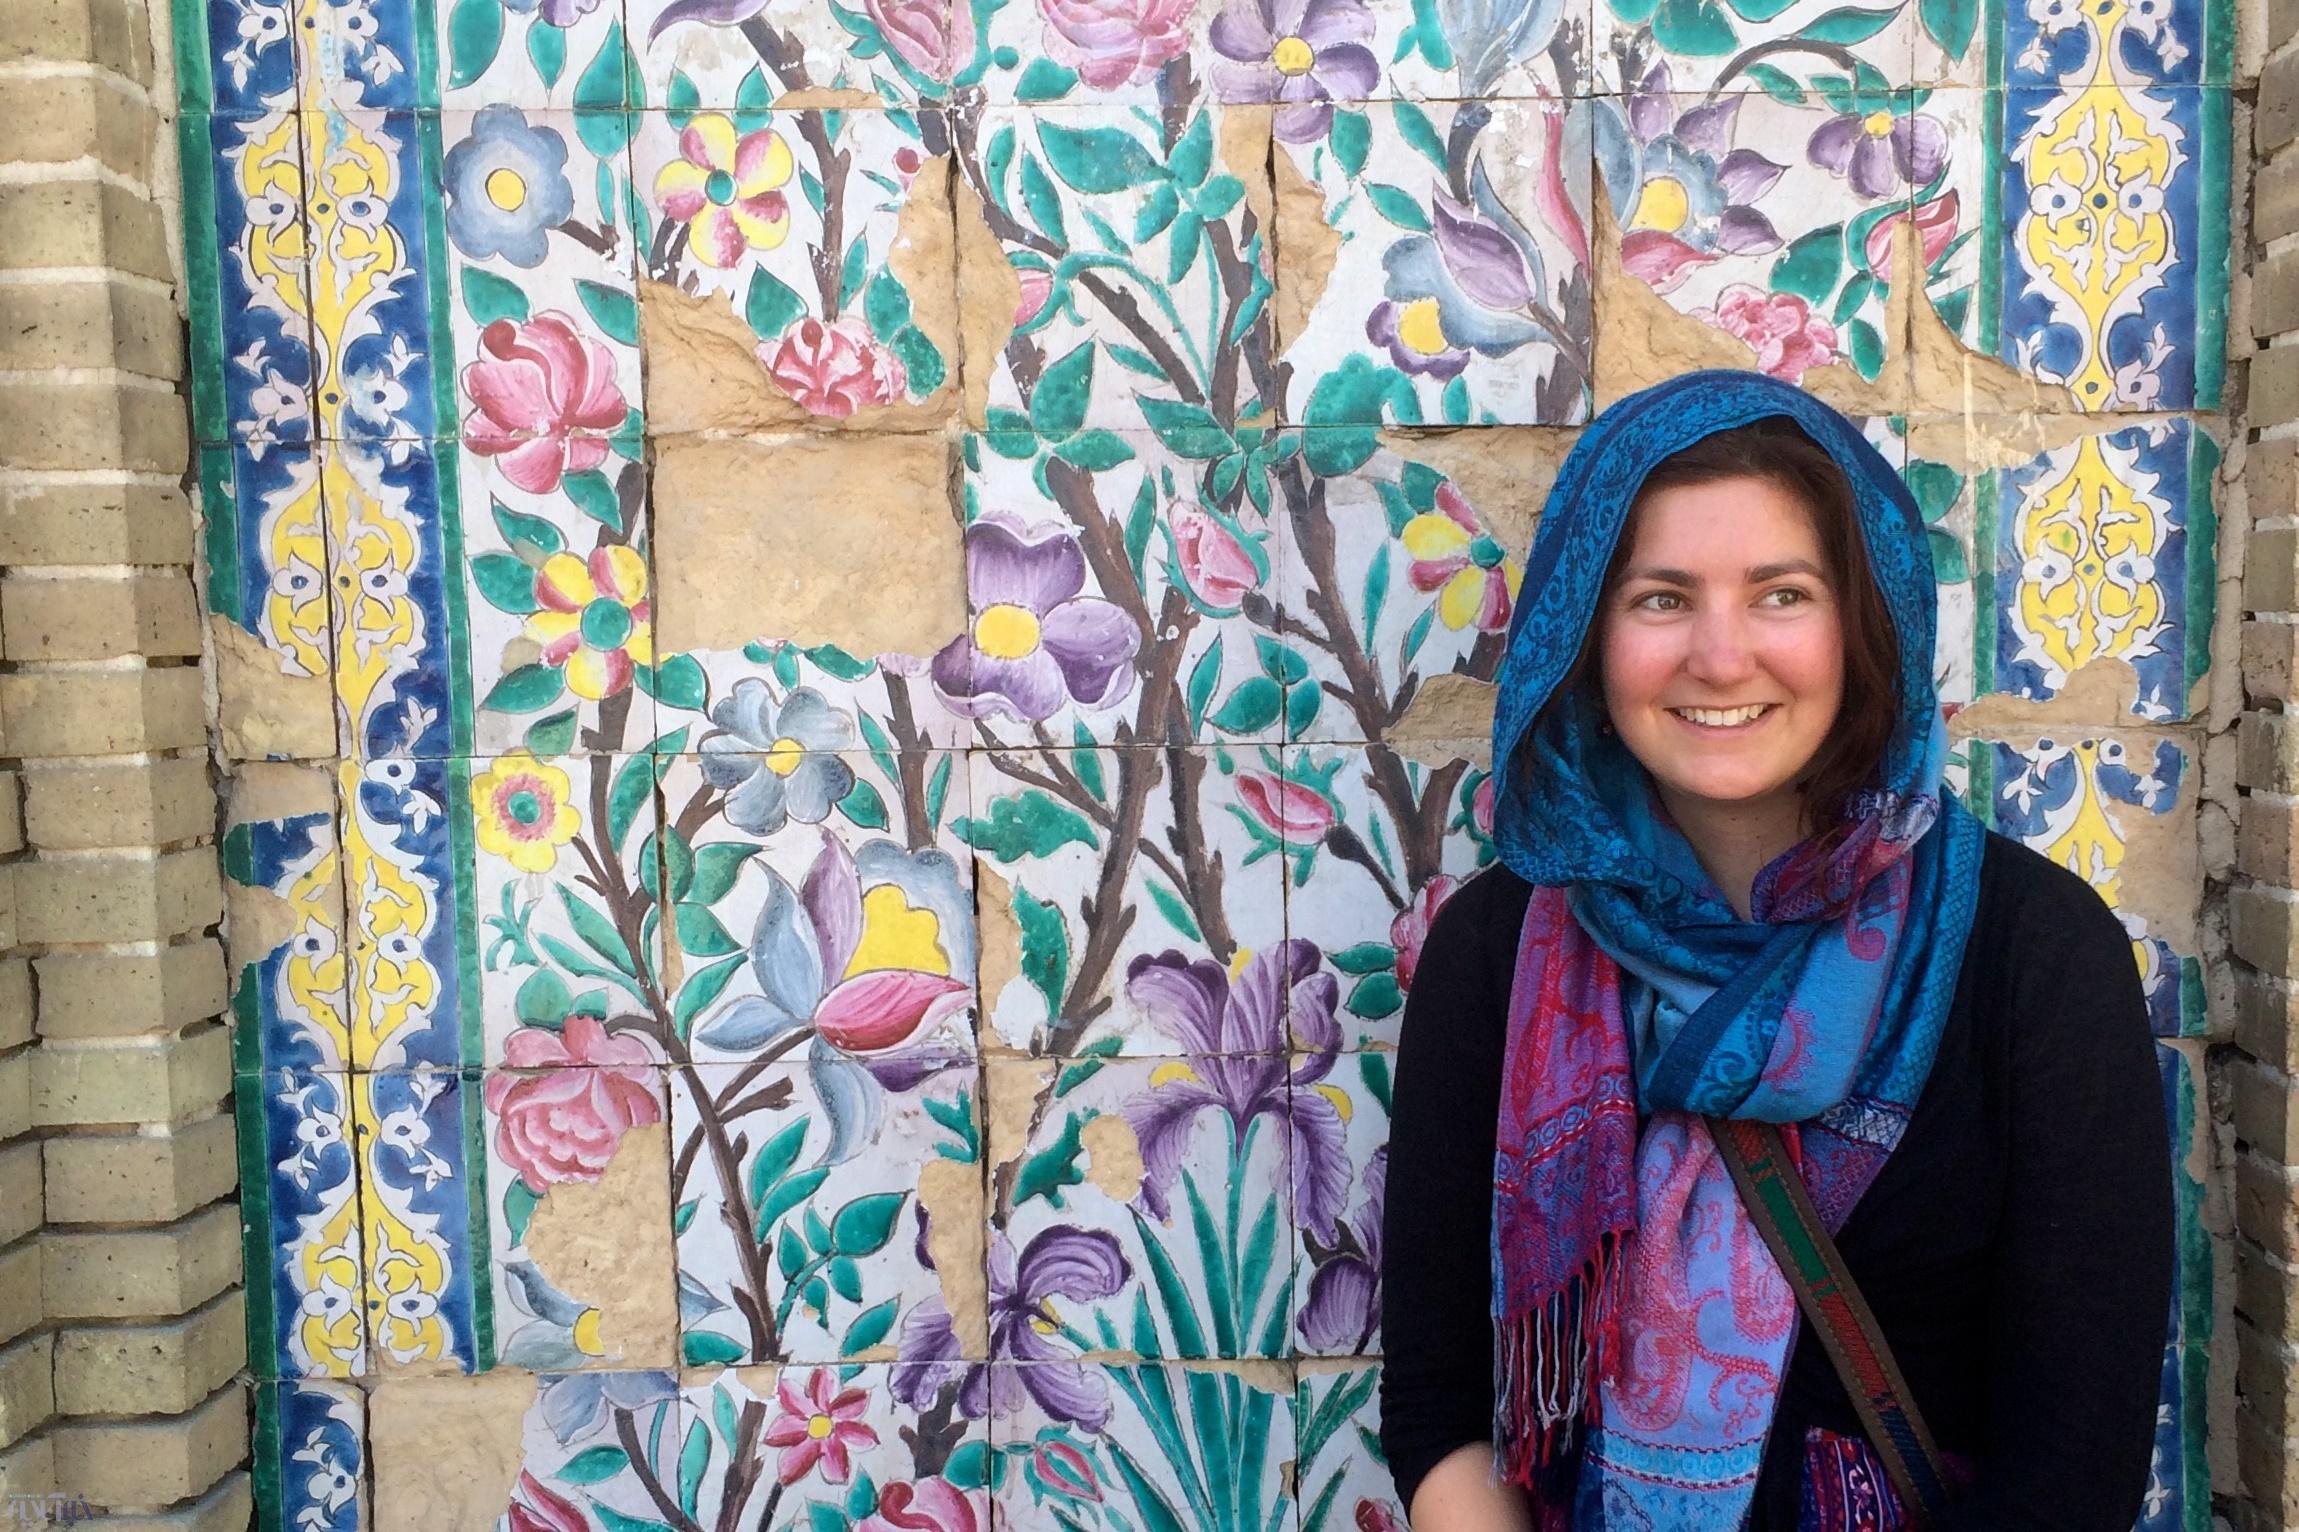 تعارف، دنیای زنانه، غذاها، امنیت و... ایران در گفتگو با زن جوان هلندی که به تنهایی سفر میکند